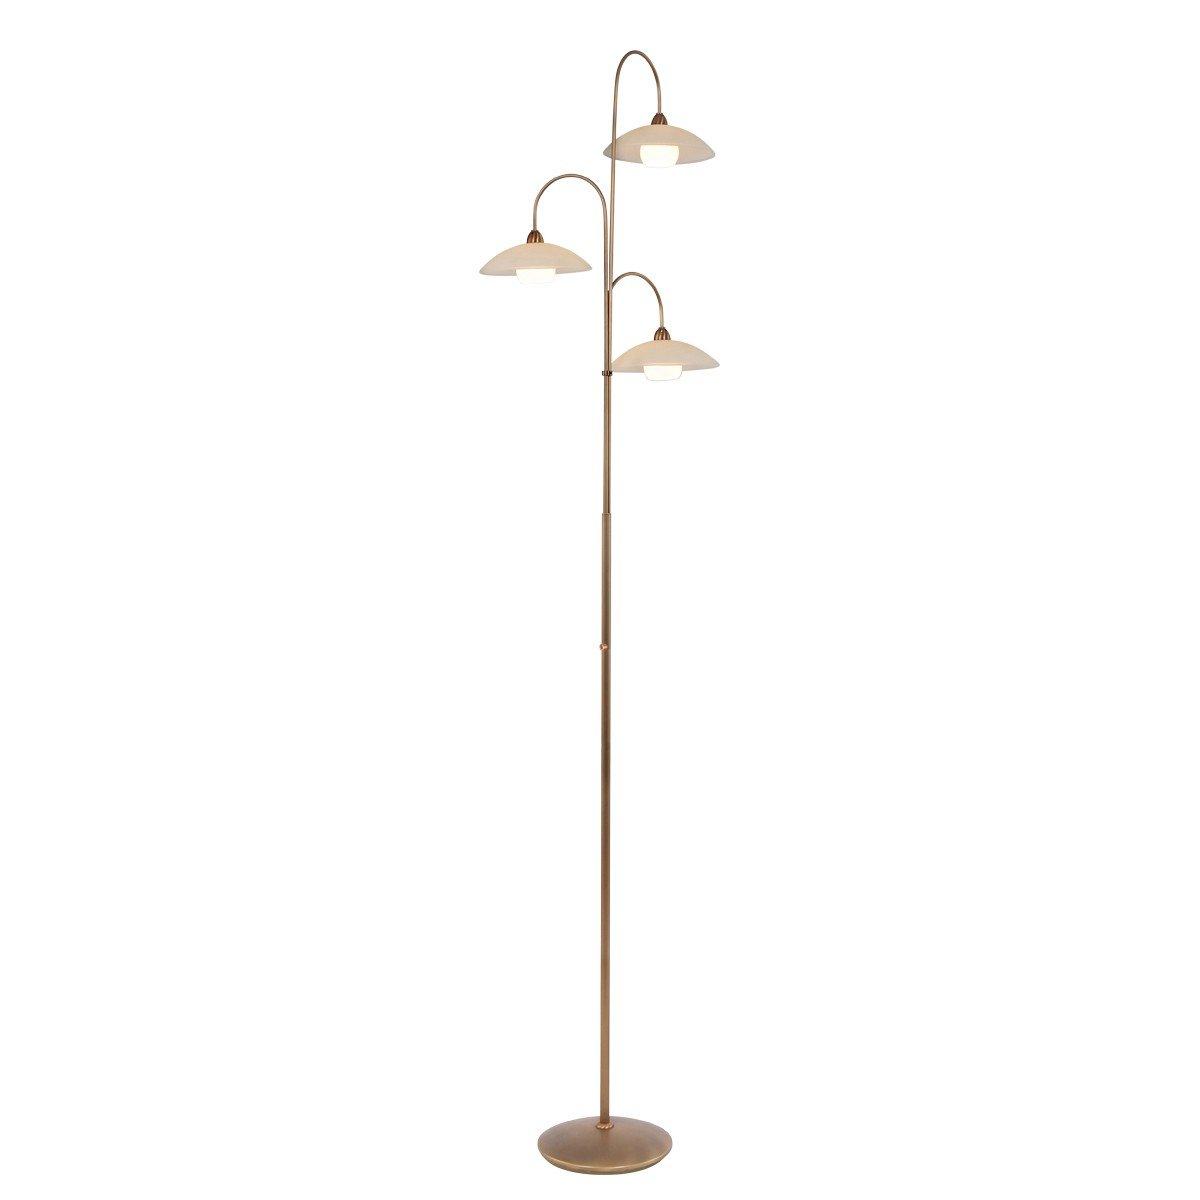 Vloerlamp Steinhauer Monarch 7924BR